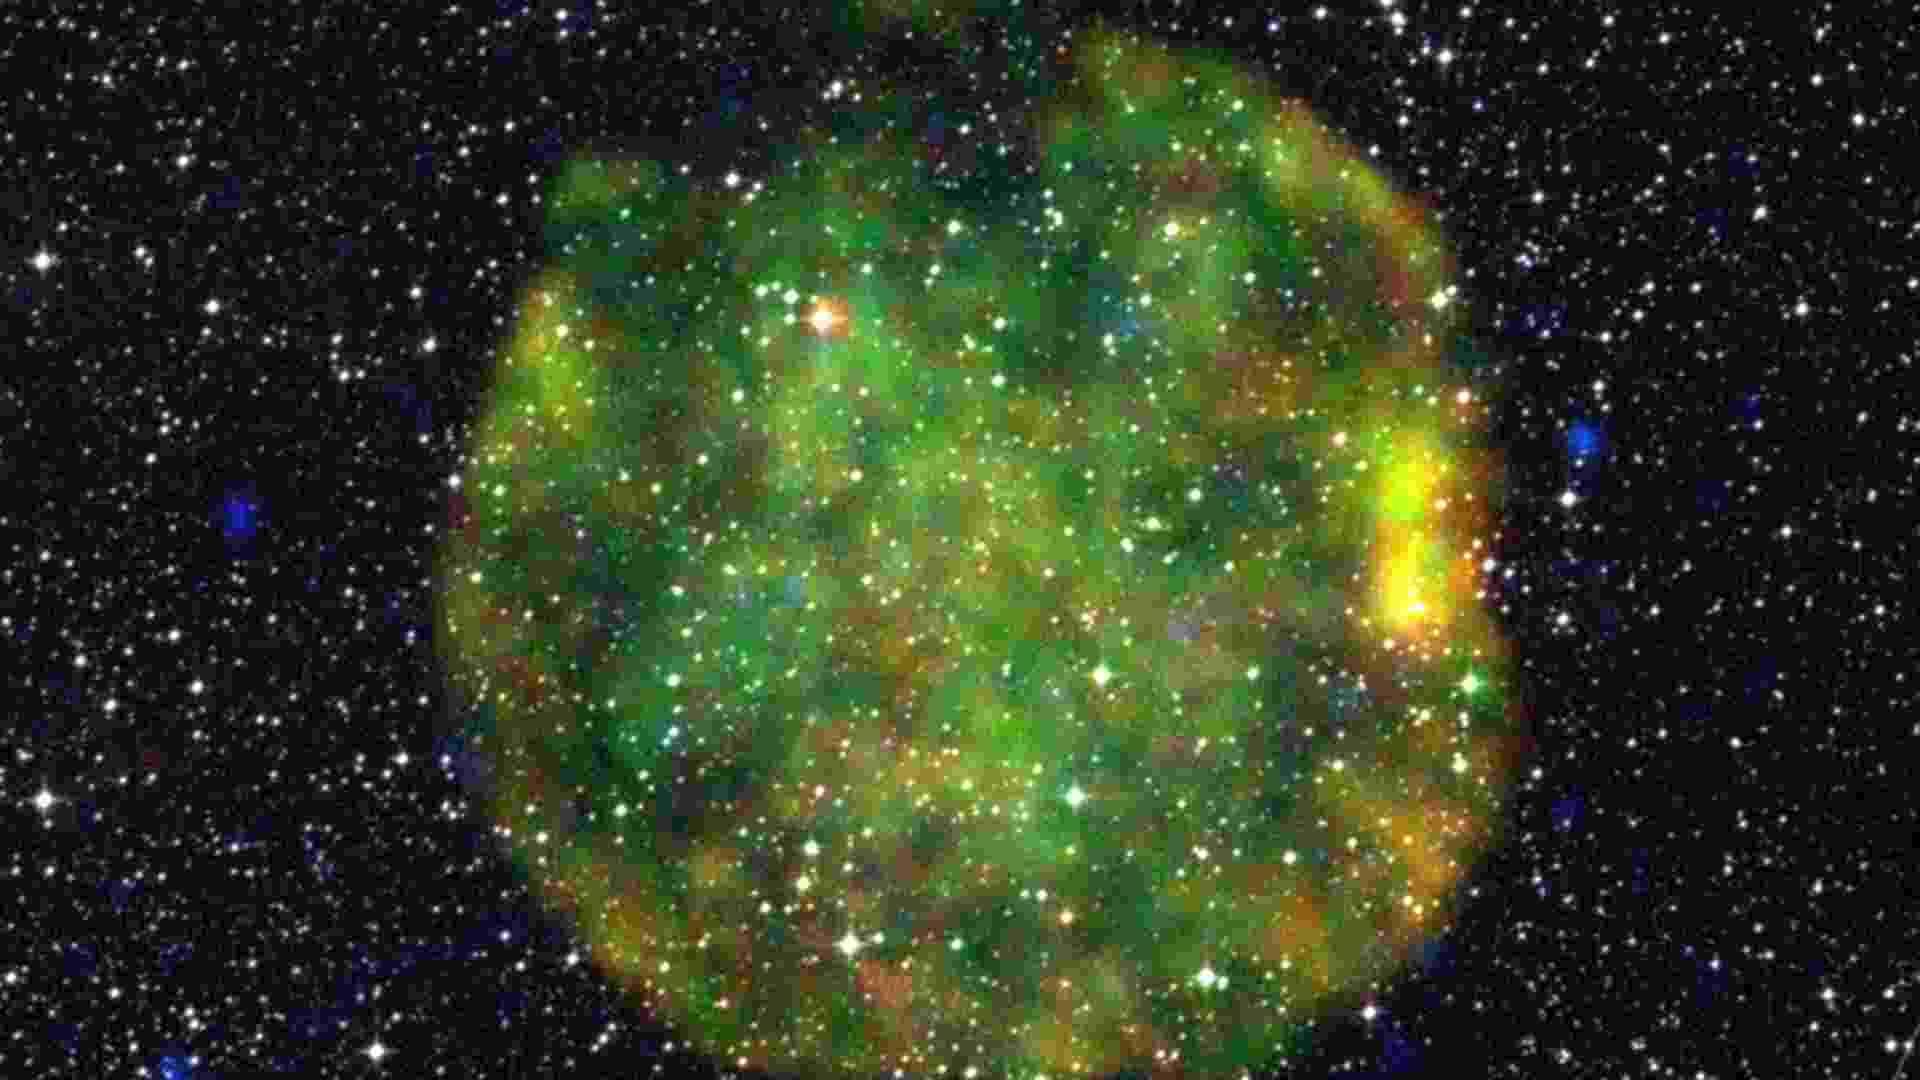 14.ago.2012 - O laboratório XMM-Newton da agência espacial europeia (ESA) registrou, com  ondas de raios X, a formação de uma supernova logo após a explosão de uma grande estrela. Os gases quentes que formam um rastro verde no espaço indicam que a G272.2-03.2 ainda está em expansão ? devido à idade da estrela, o processo pode demorar centenas de milhares de anos para desacelerar e esfriar - Marco Iacobelli/ESA